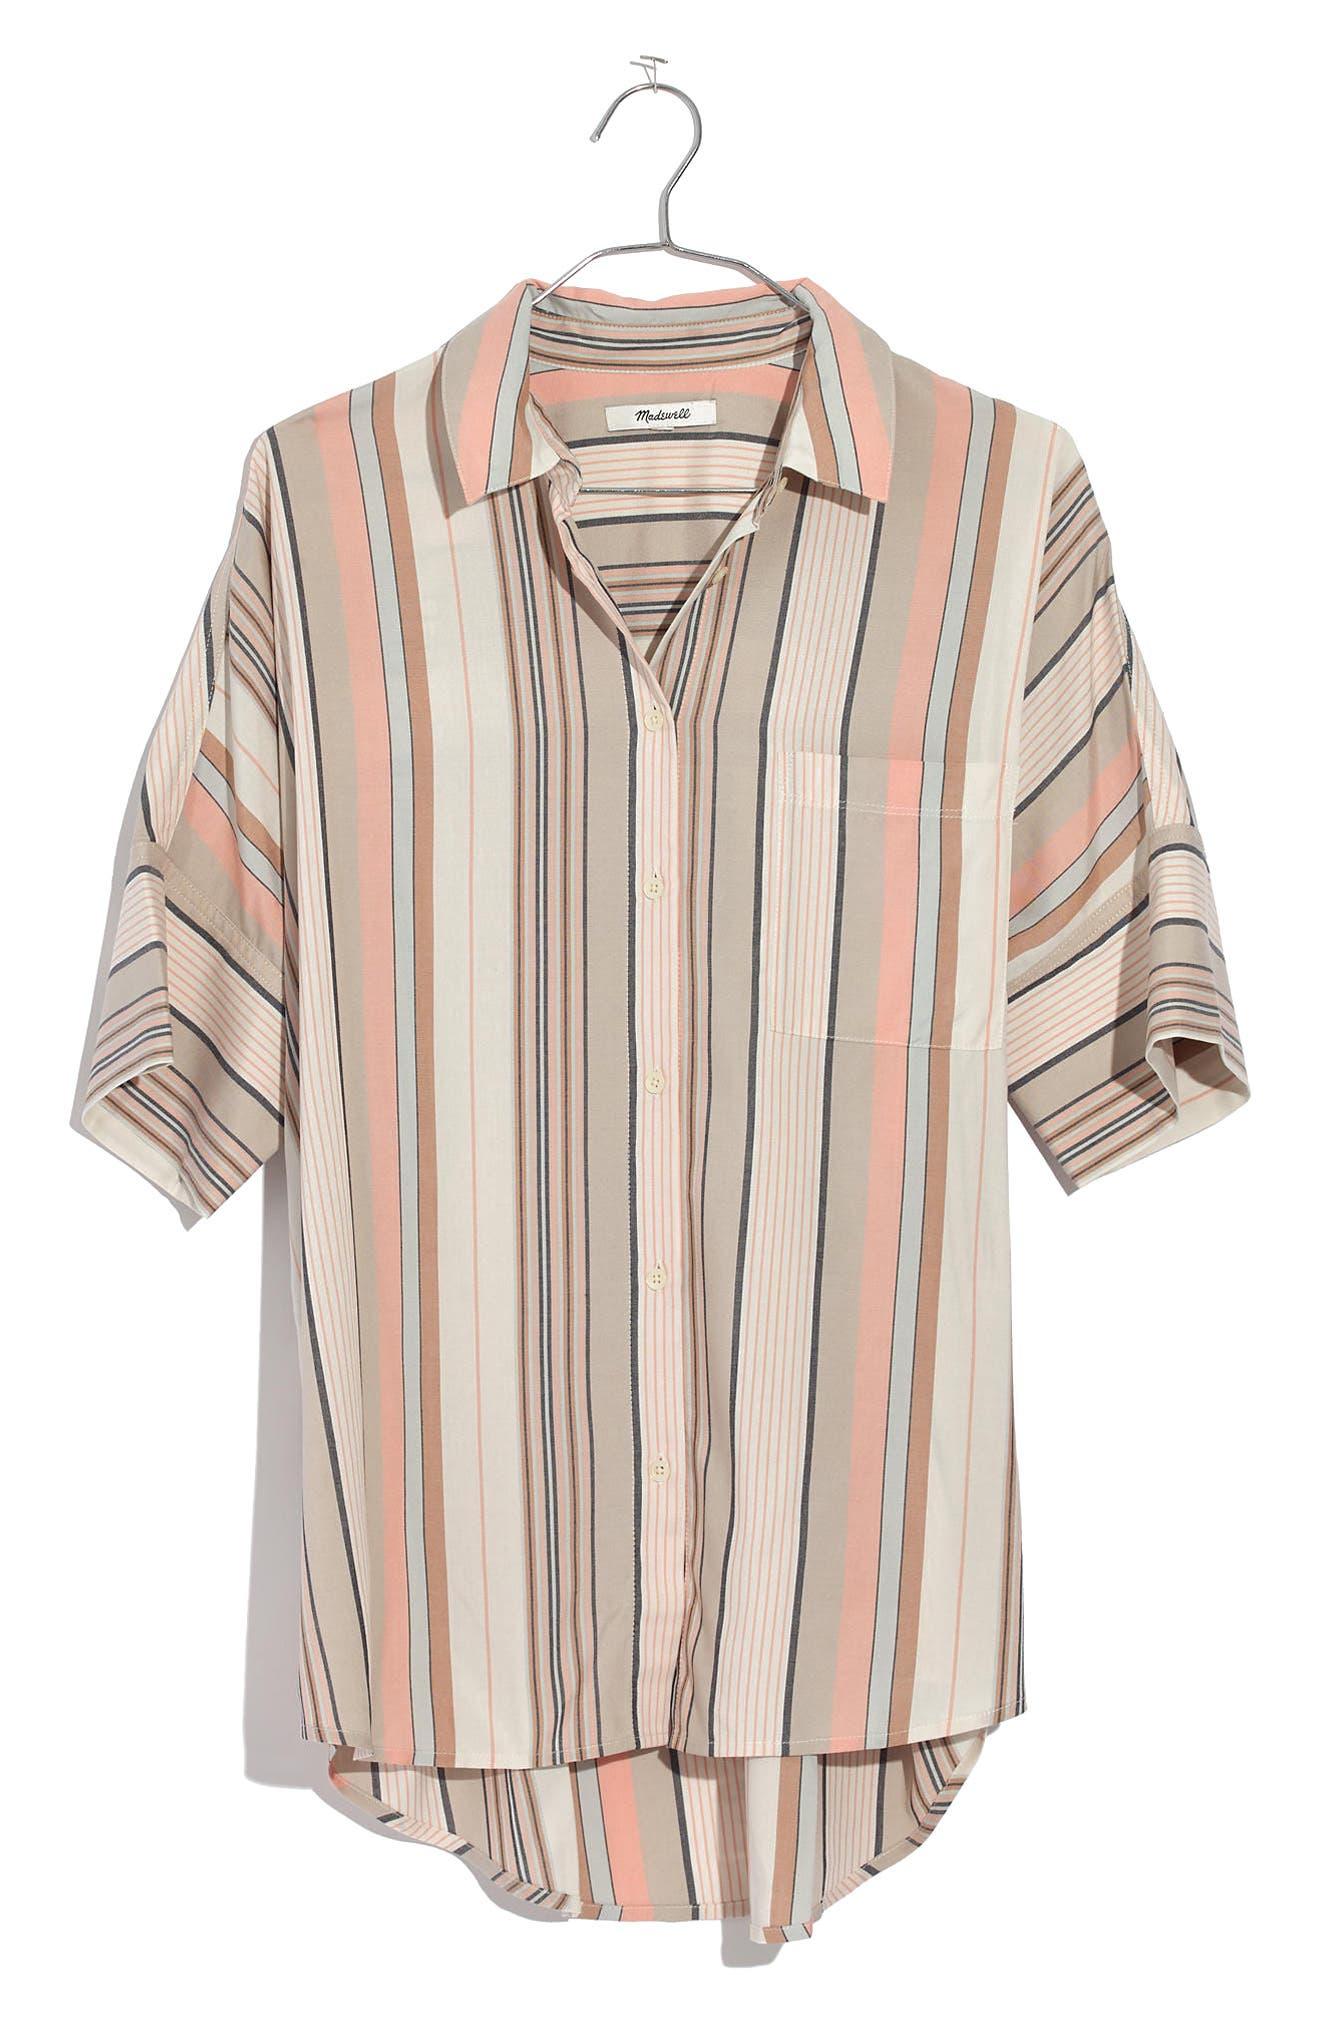 Courier Stripe Shirt,                             Alternate thumbnail 4, color,                             250